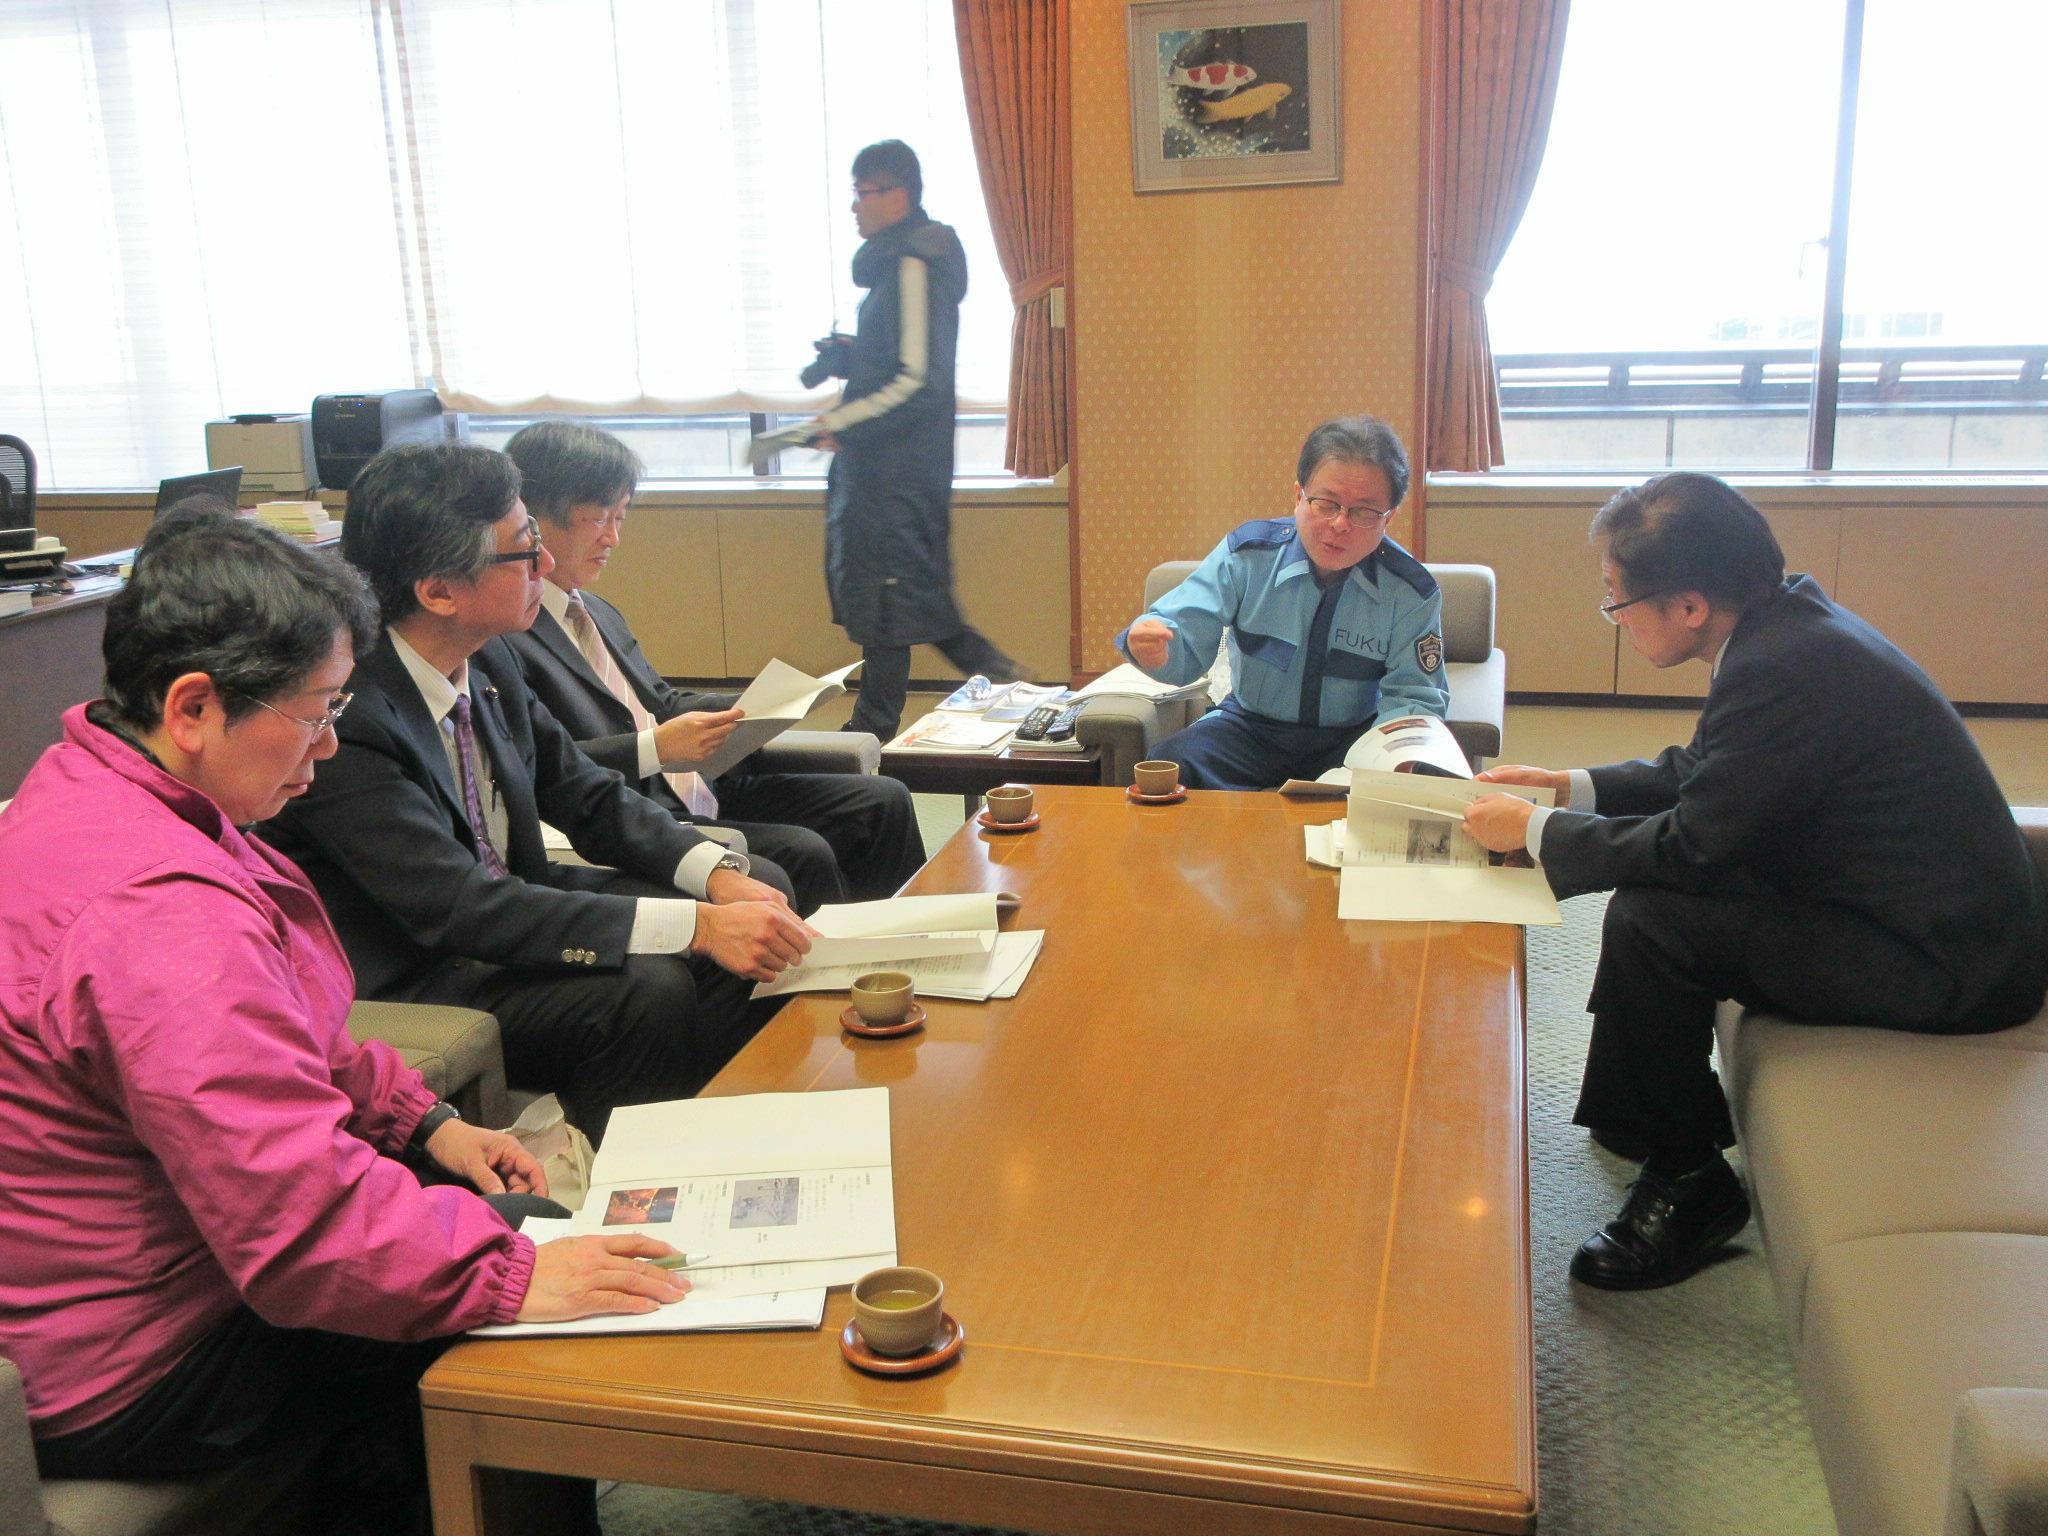 http://www.inoue-satoshi.com/diary/IMG_3606.JPG